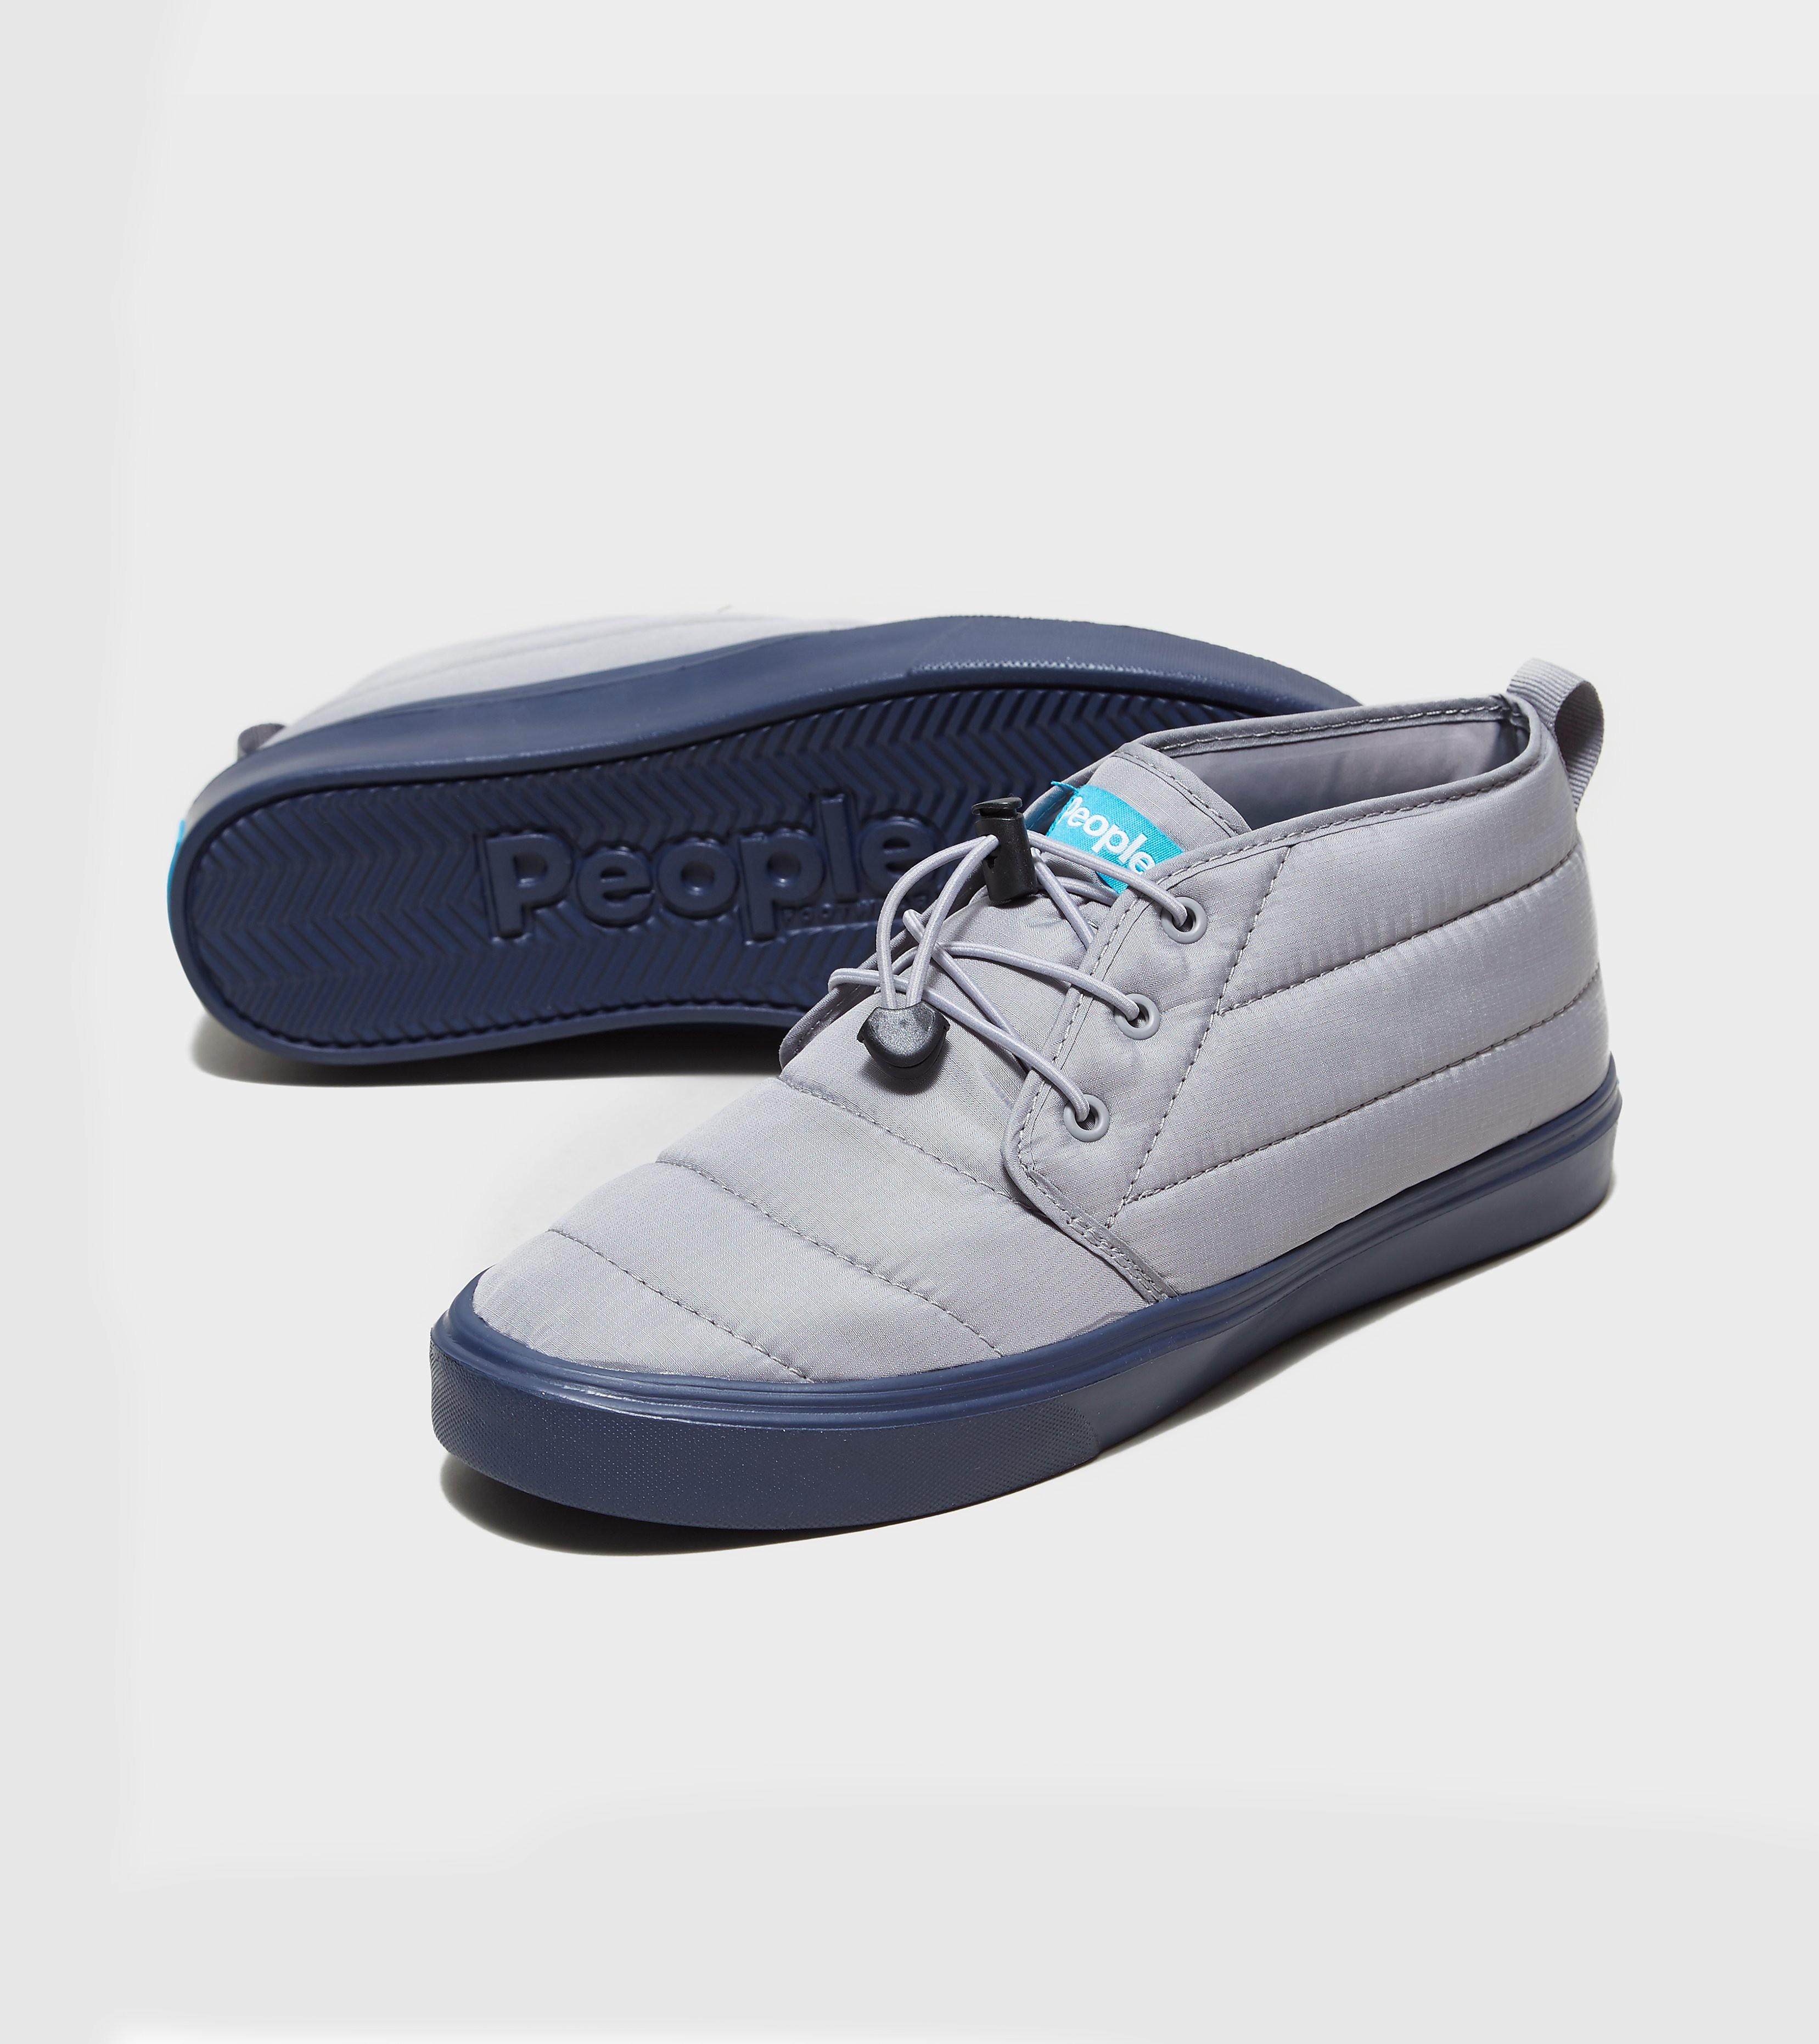 People Footwear Cypress Chukka